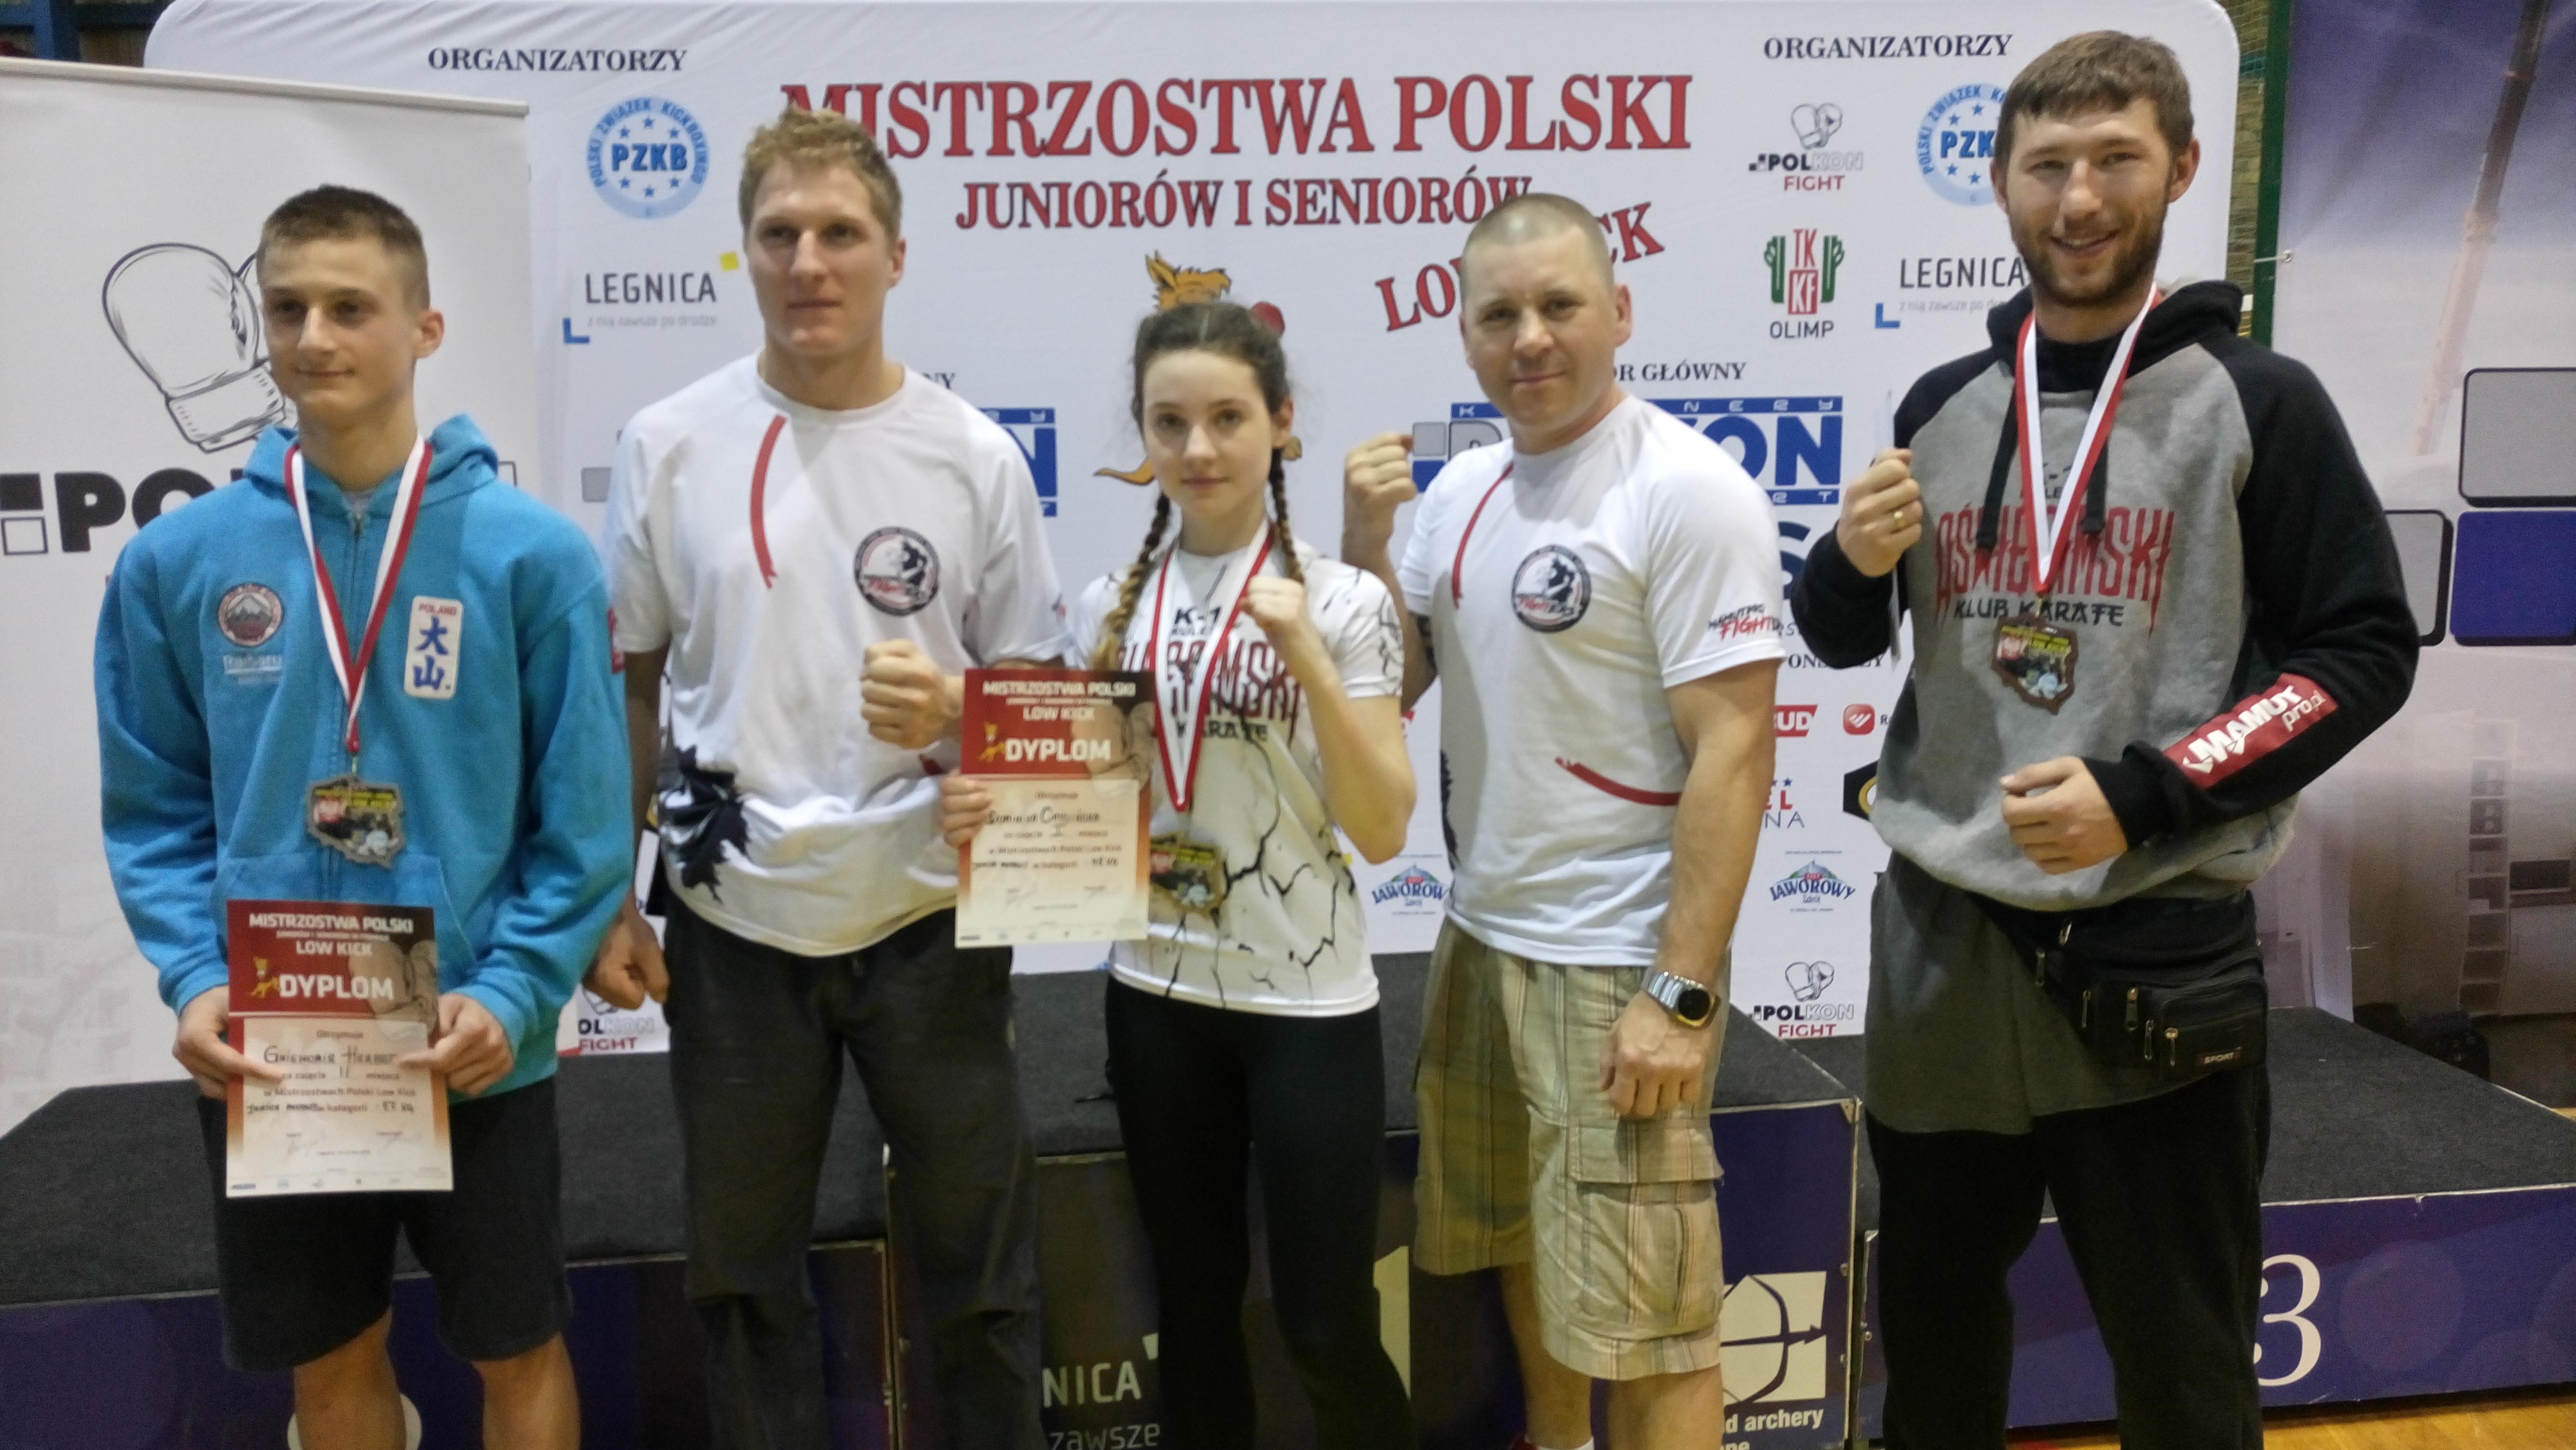 Reprezentacja oświęcimskich kick-boxerów zdobyła w mistrzostwach Polski cztery medale. Fot. zbiory klubu